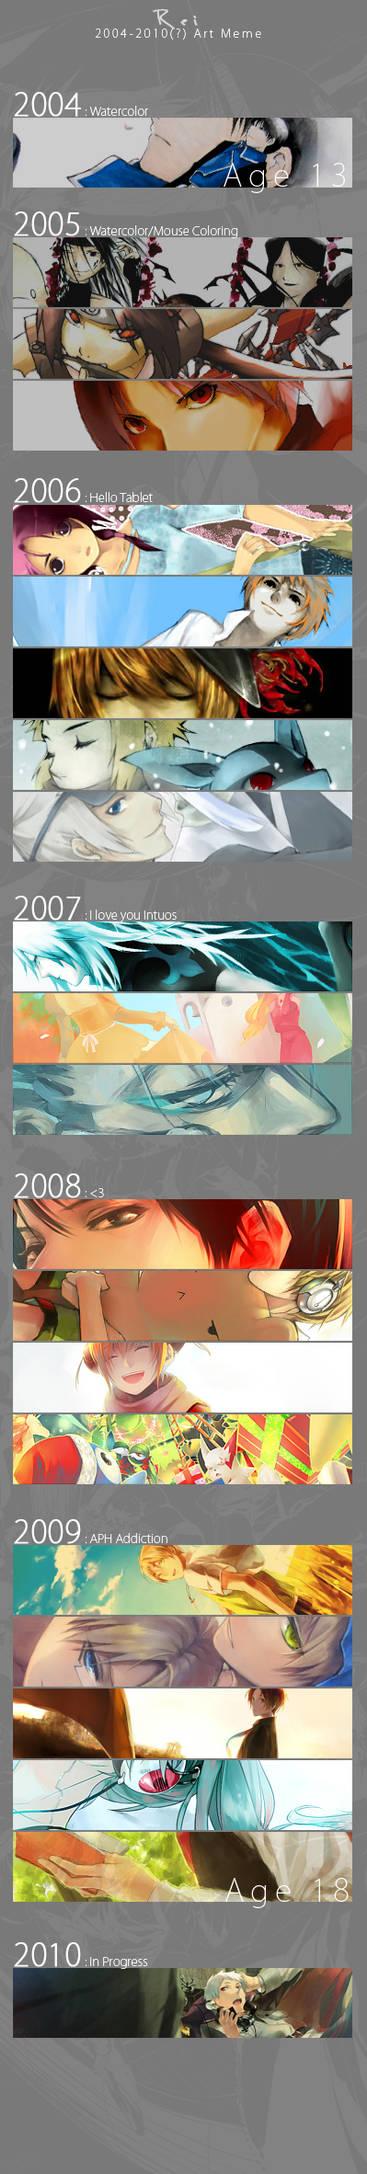 2004 - 2010 Art Meme